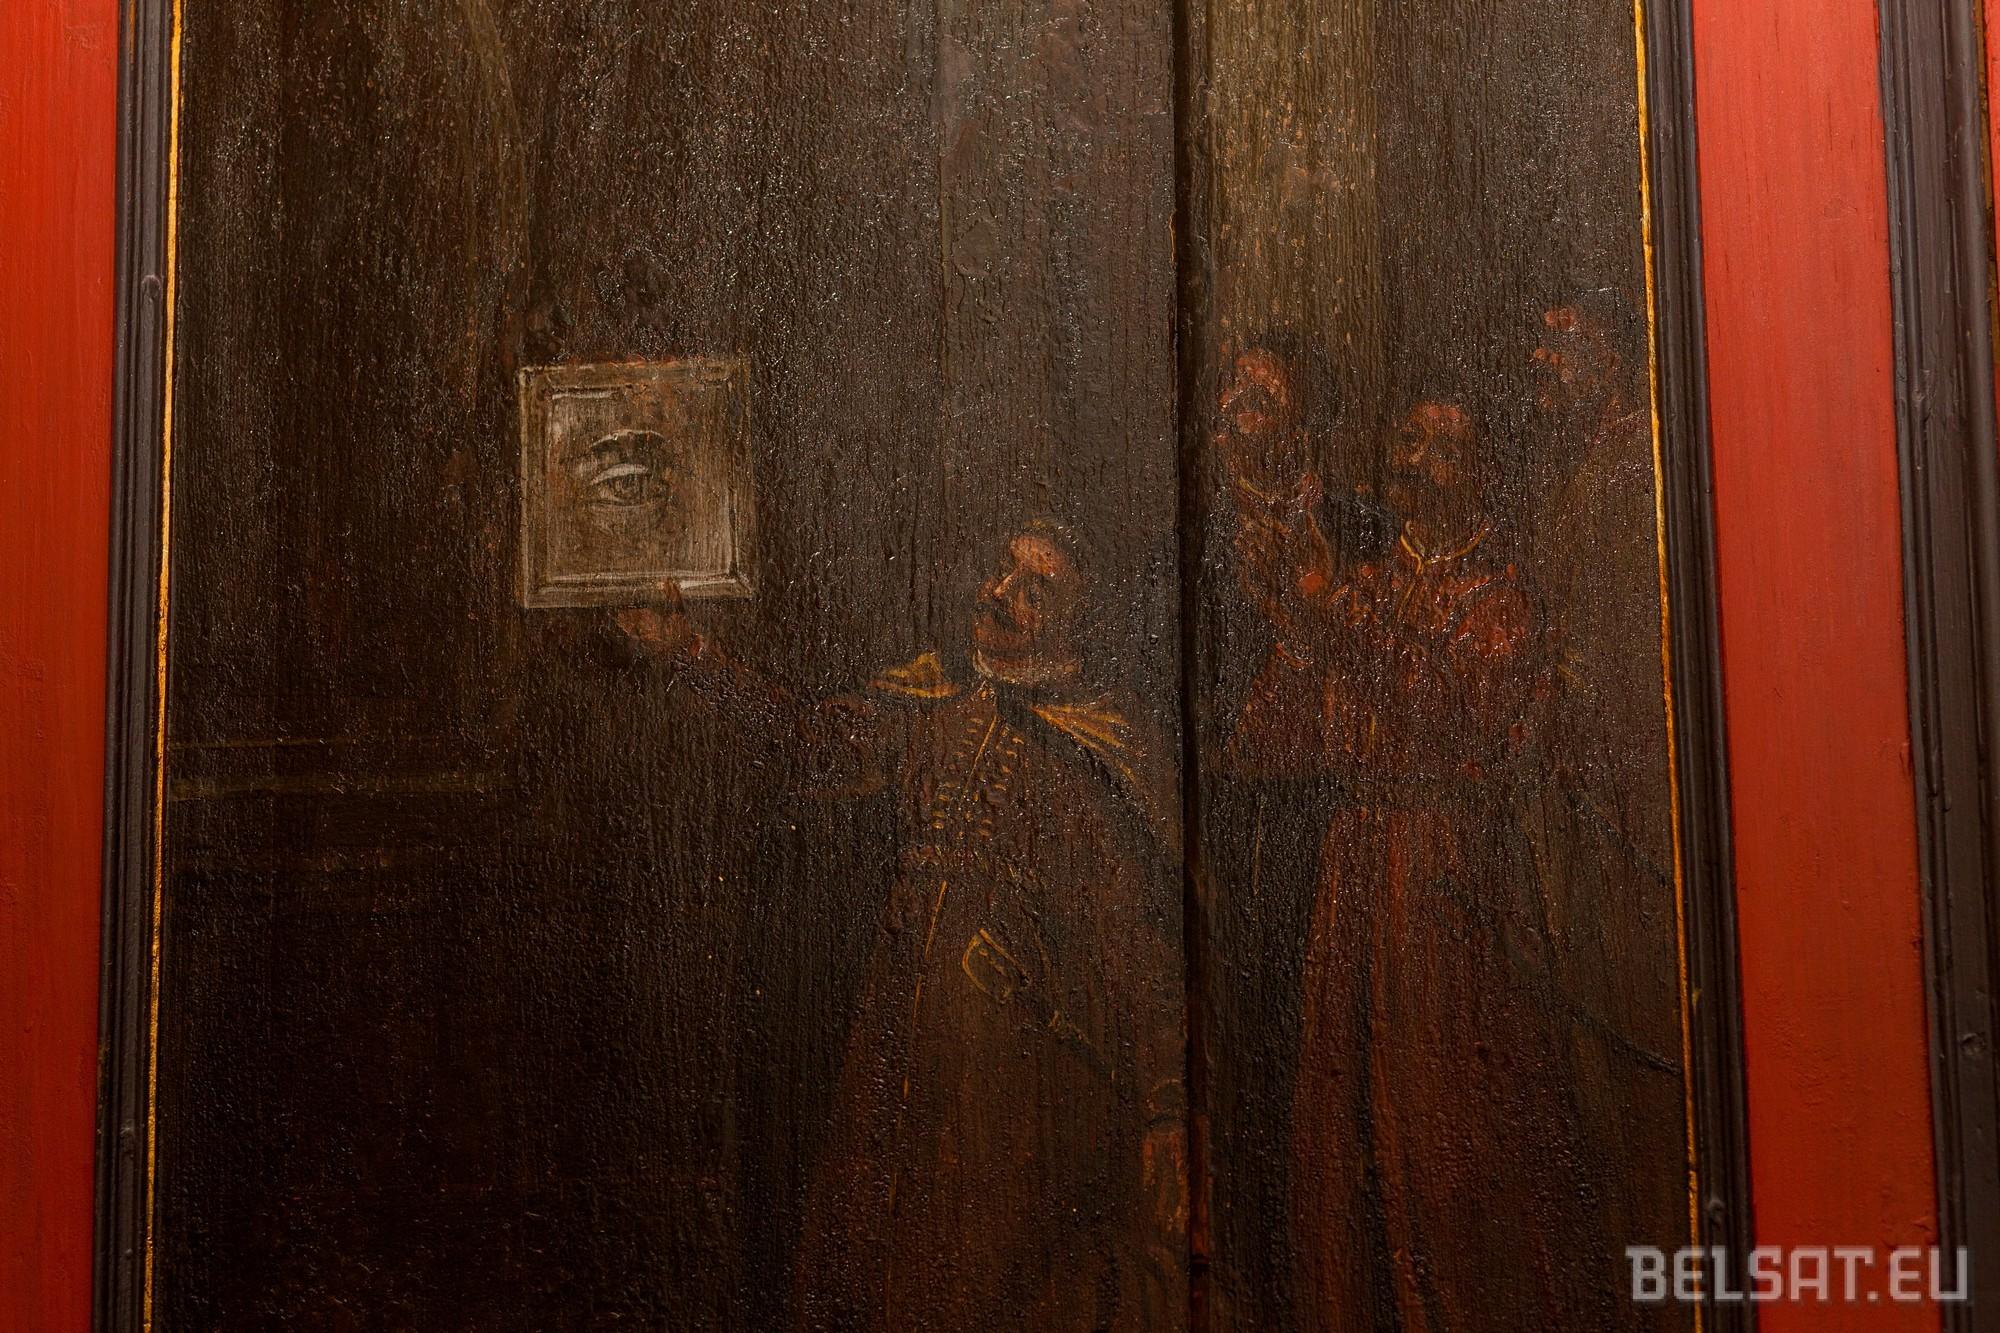 Гродзенскі гісторык разгадаў загадку старажытных лаваў у Фарным касцёле